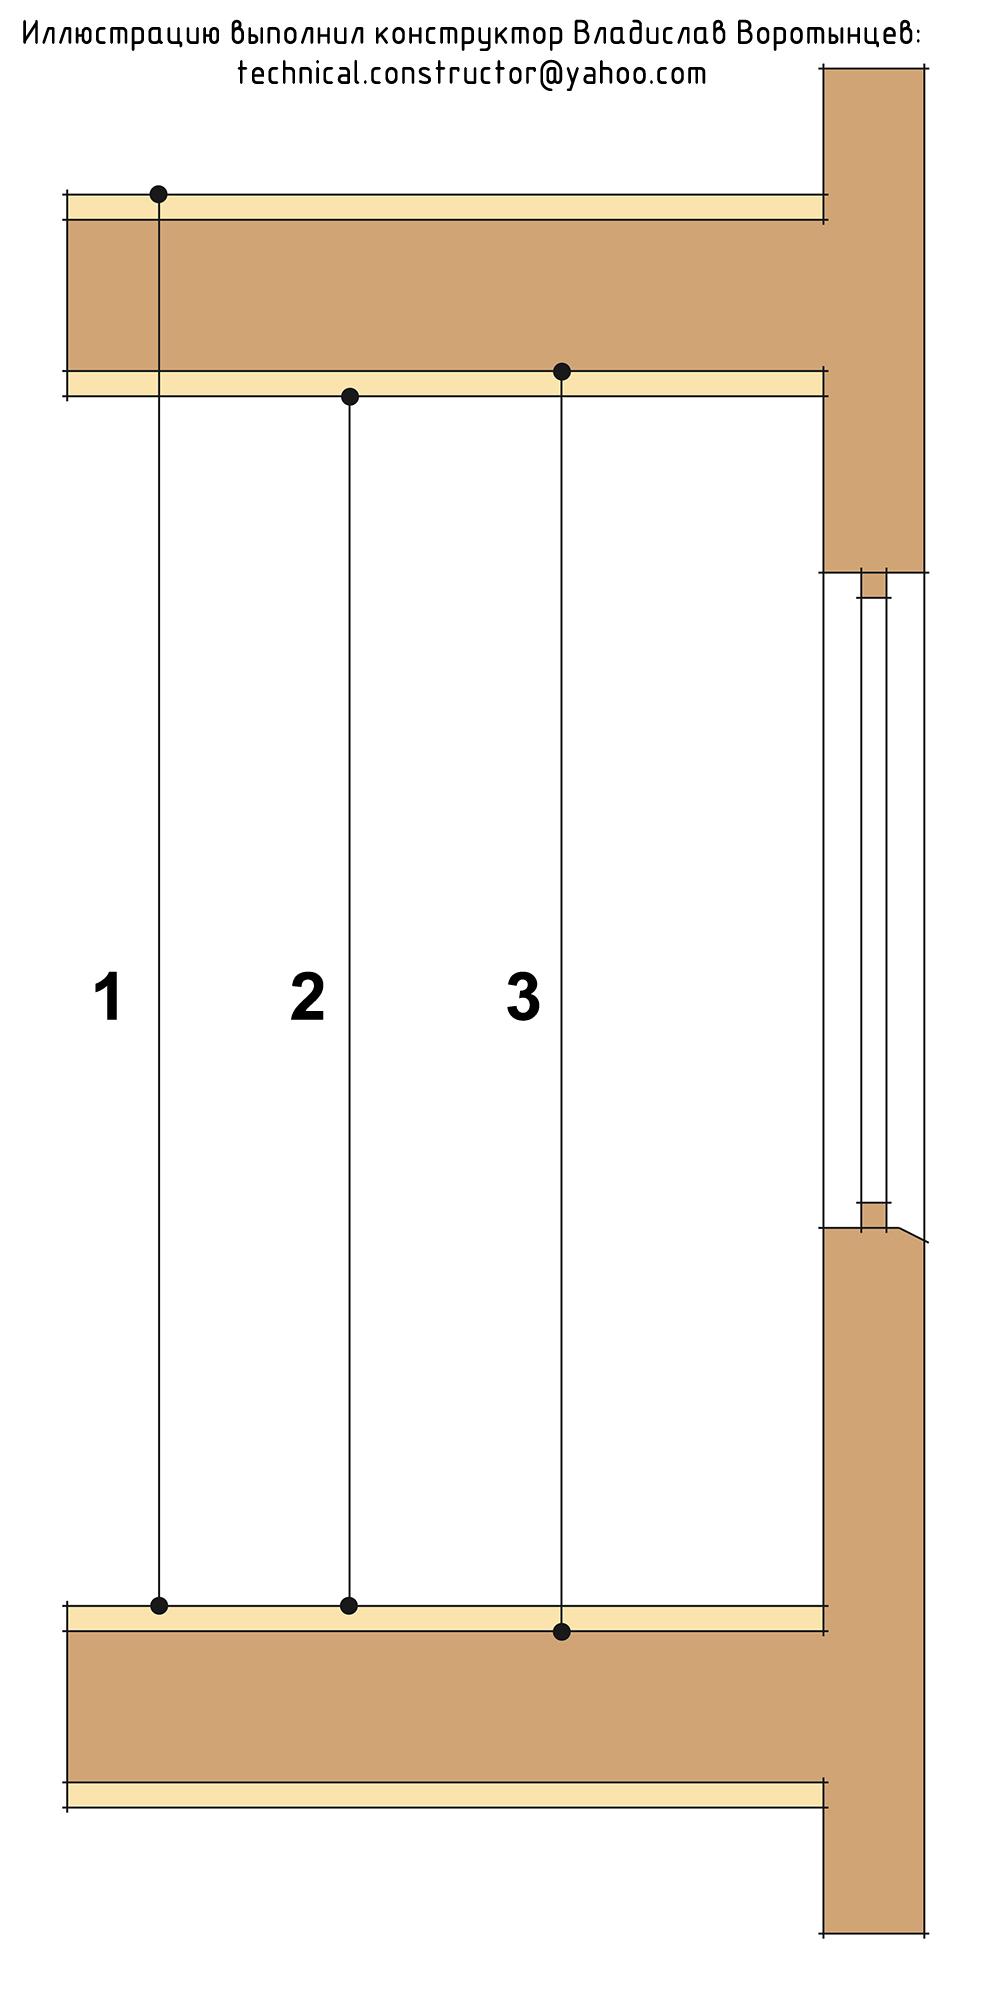 Рис. 9.12 Измерение высоты потолка по норвежскими стандартам. Расчёт длины стоек каркасной стены